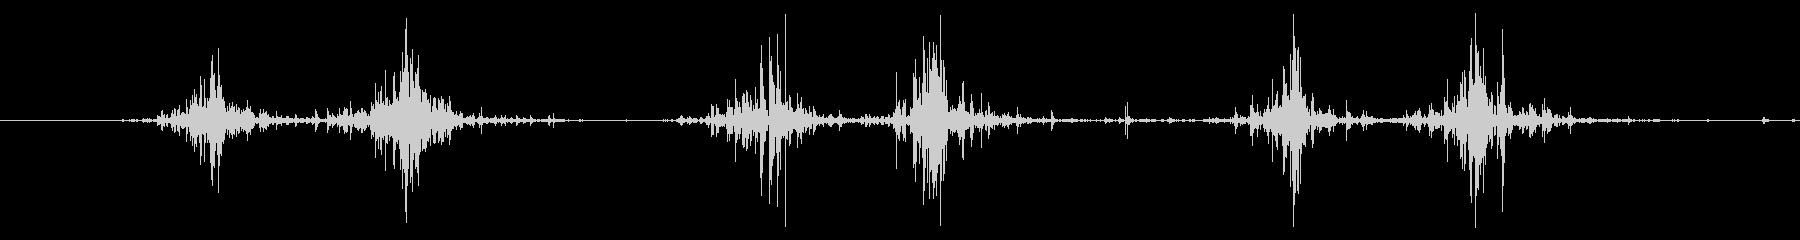 タブレッド菓子を出す音4モノラルの未再生の波形